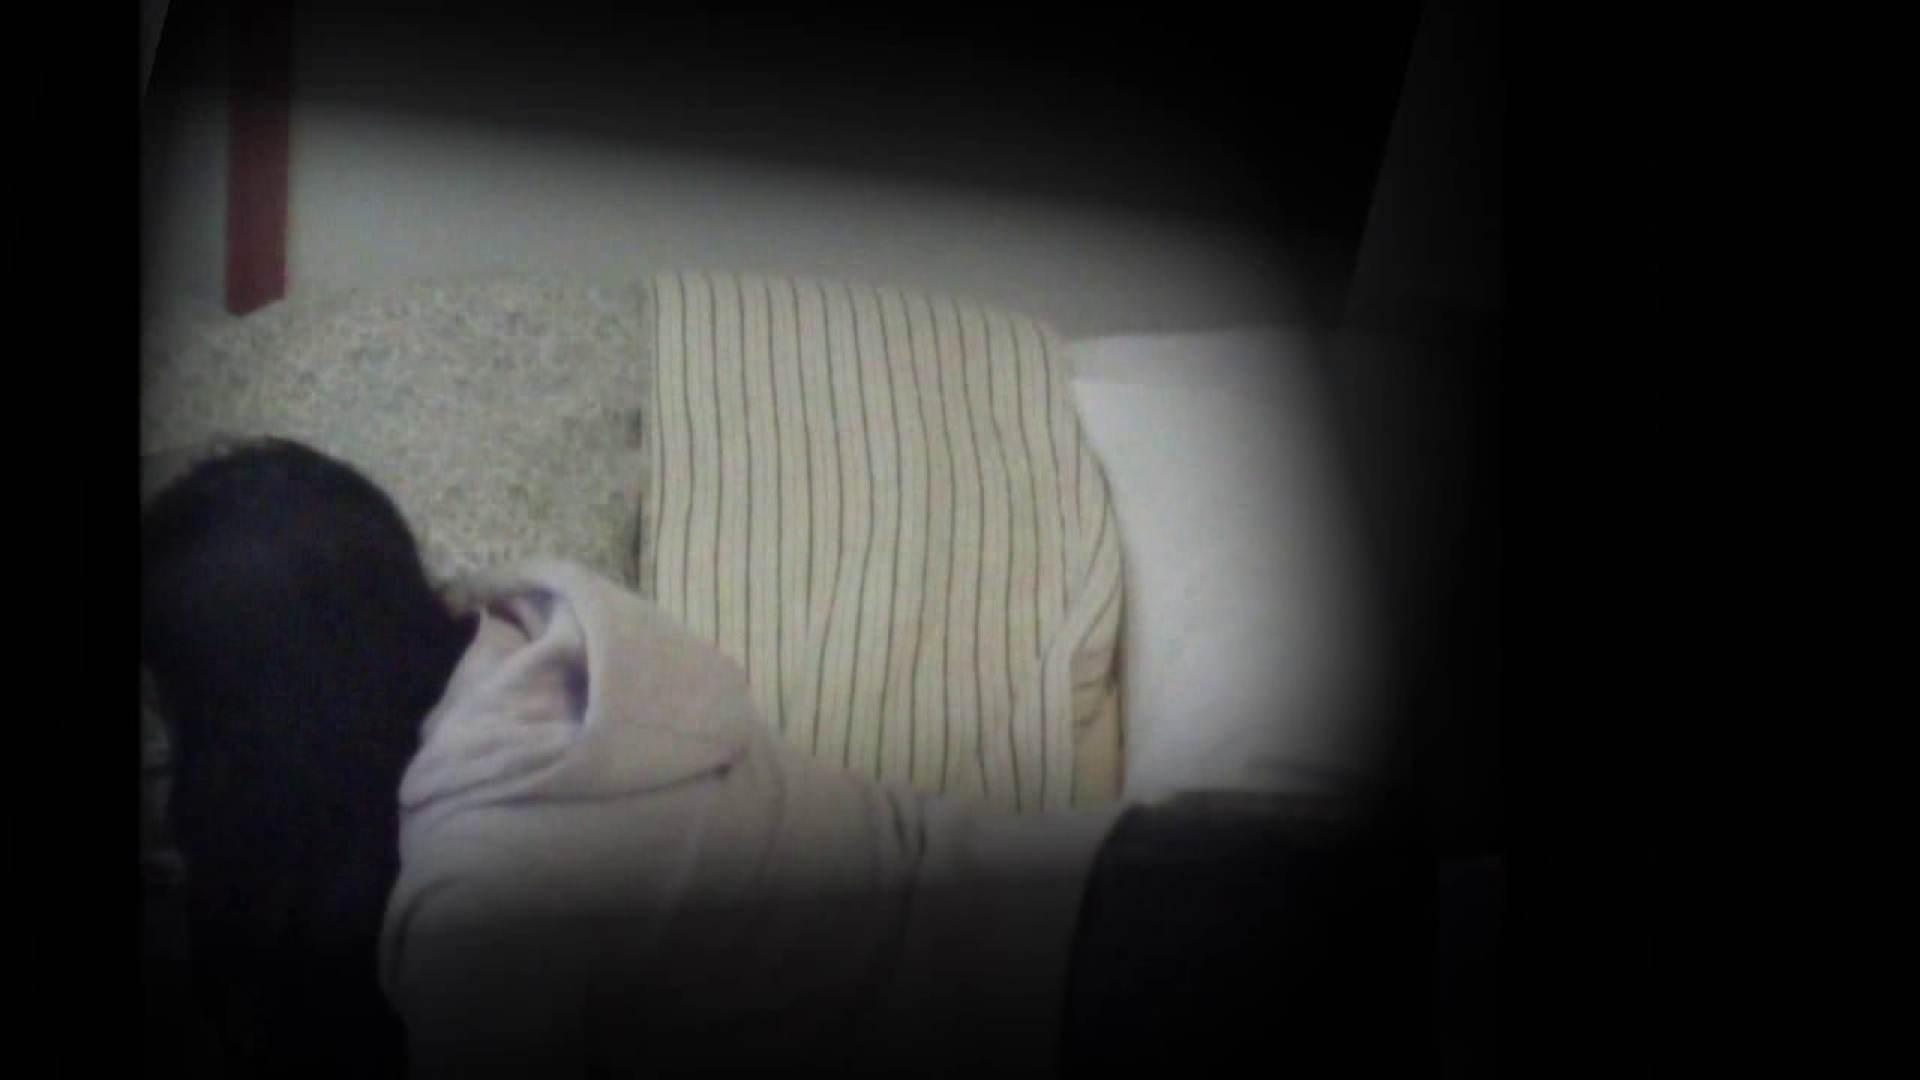 老舗ペンション2代目オーナーが流出したお宝映像Vol.3 オナニーする女性たち   OLセックス  90画像 59